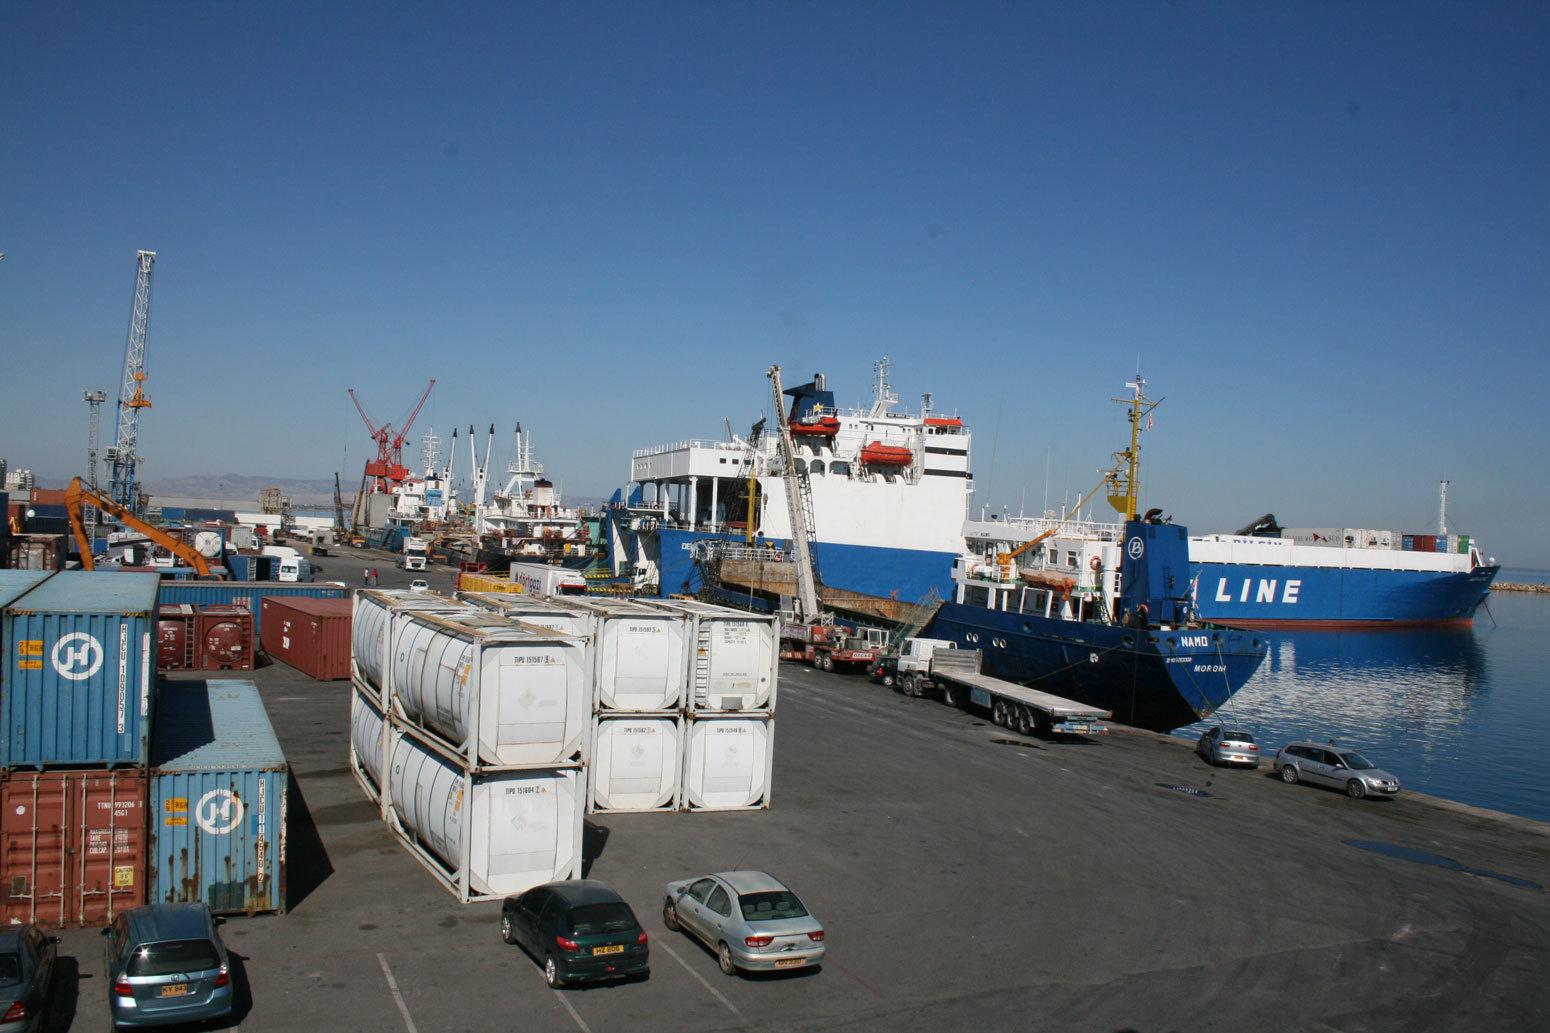 magusa gemi liman Türkiyeden Kıbrısa Araba Getirme Kuralları